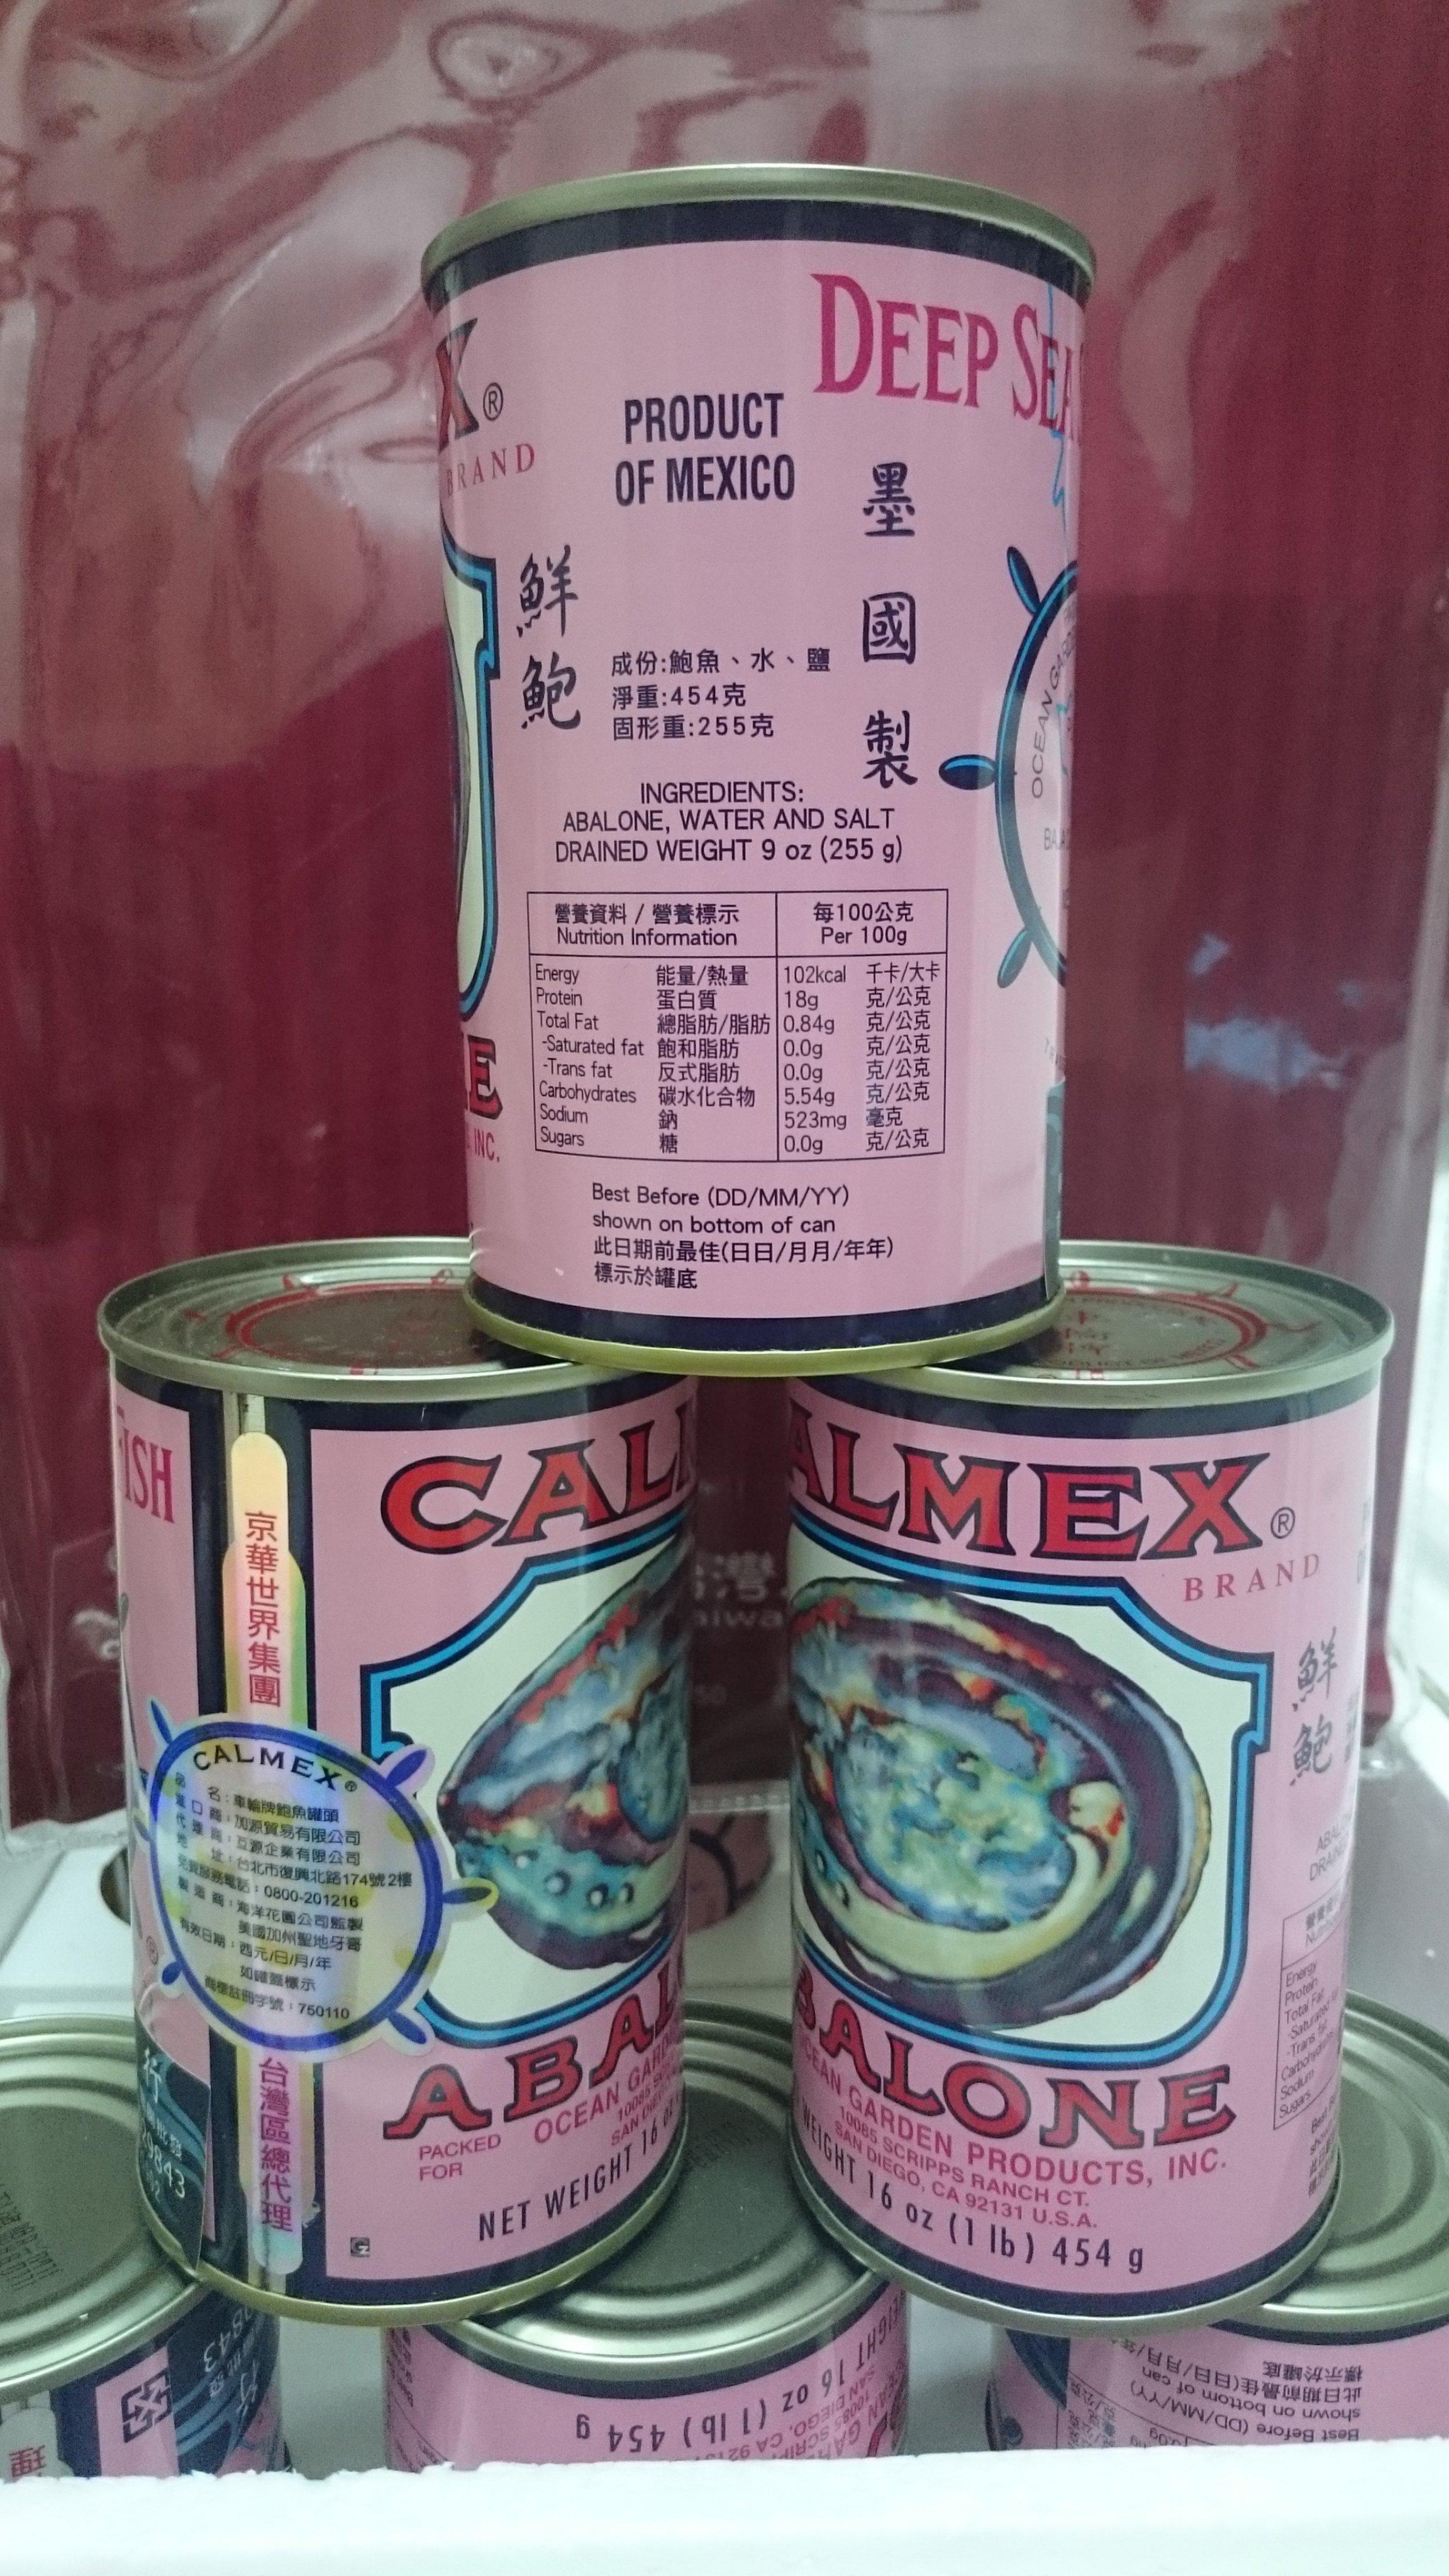 【1粒半裝】車輪牌鮑魚罐頭(墨西哥制),魚翅,鮑魚,干貝,刺蔘,花膠,南北貨禮品專賣